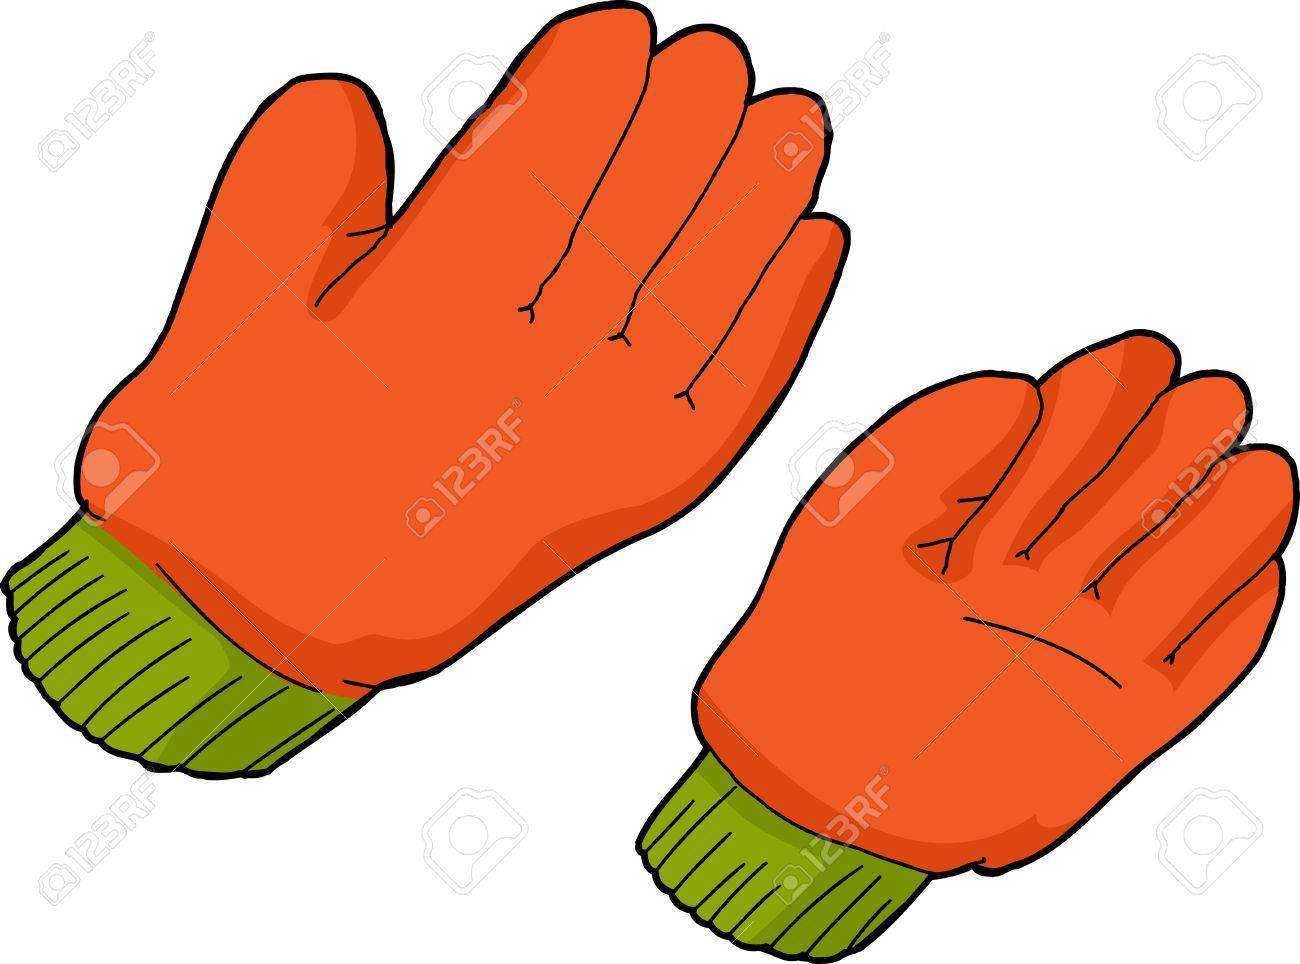 Free download clip art. Gloves clipart work glove